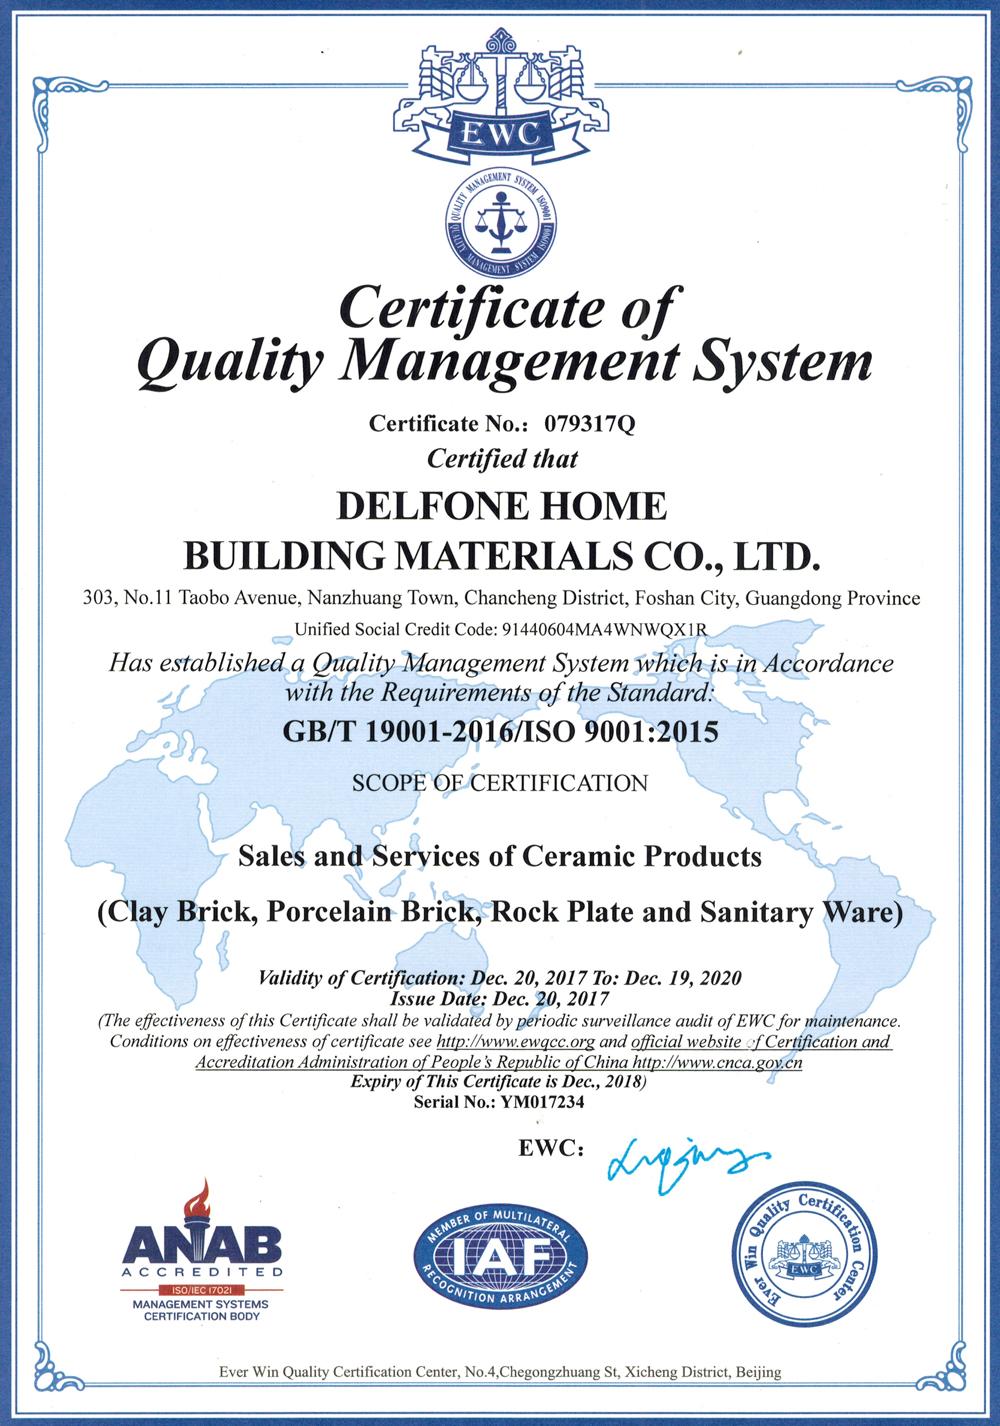 质量体系认证证书证书-英文版